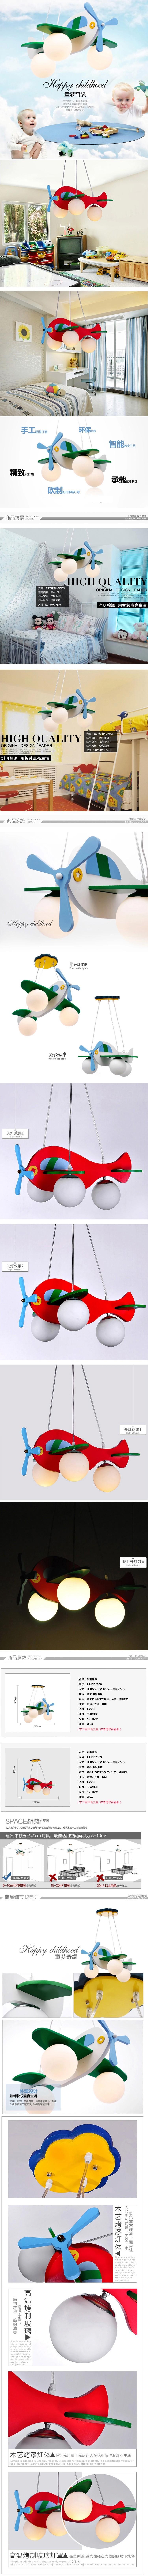 蓝色红色创意飞机儿童灯